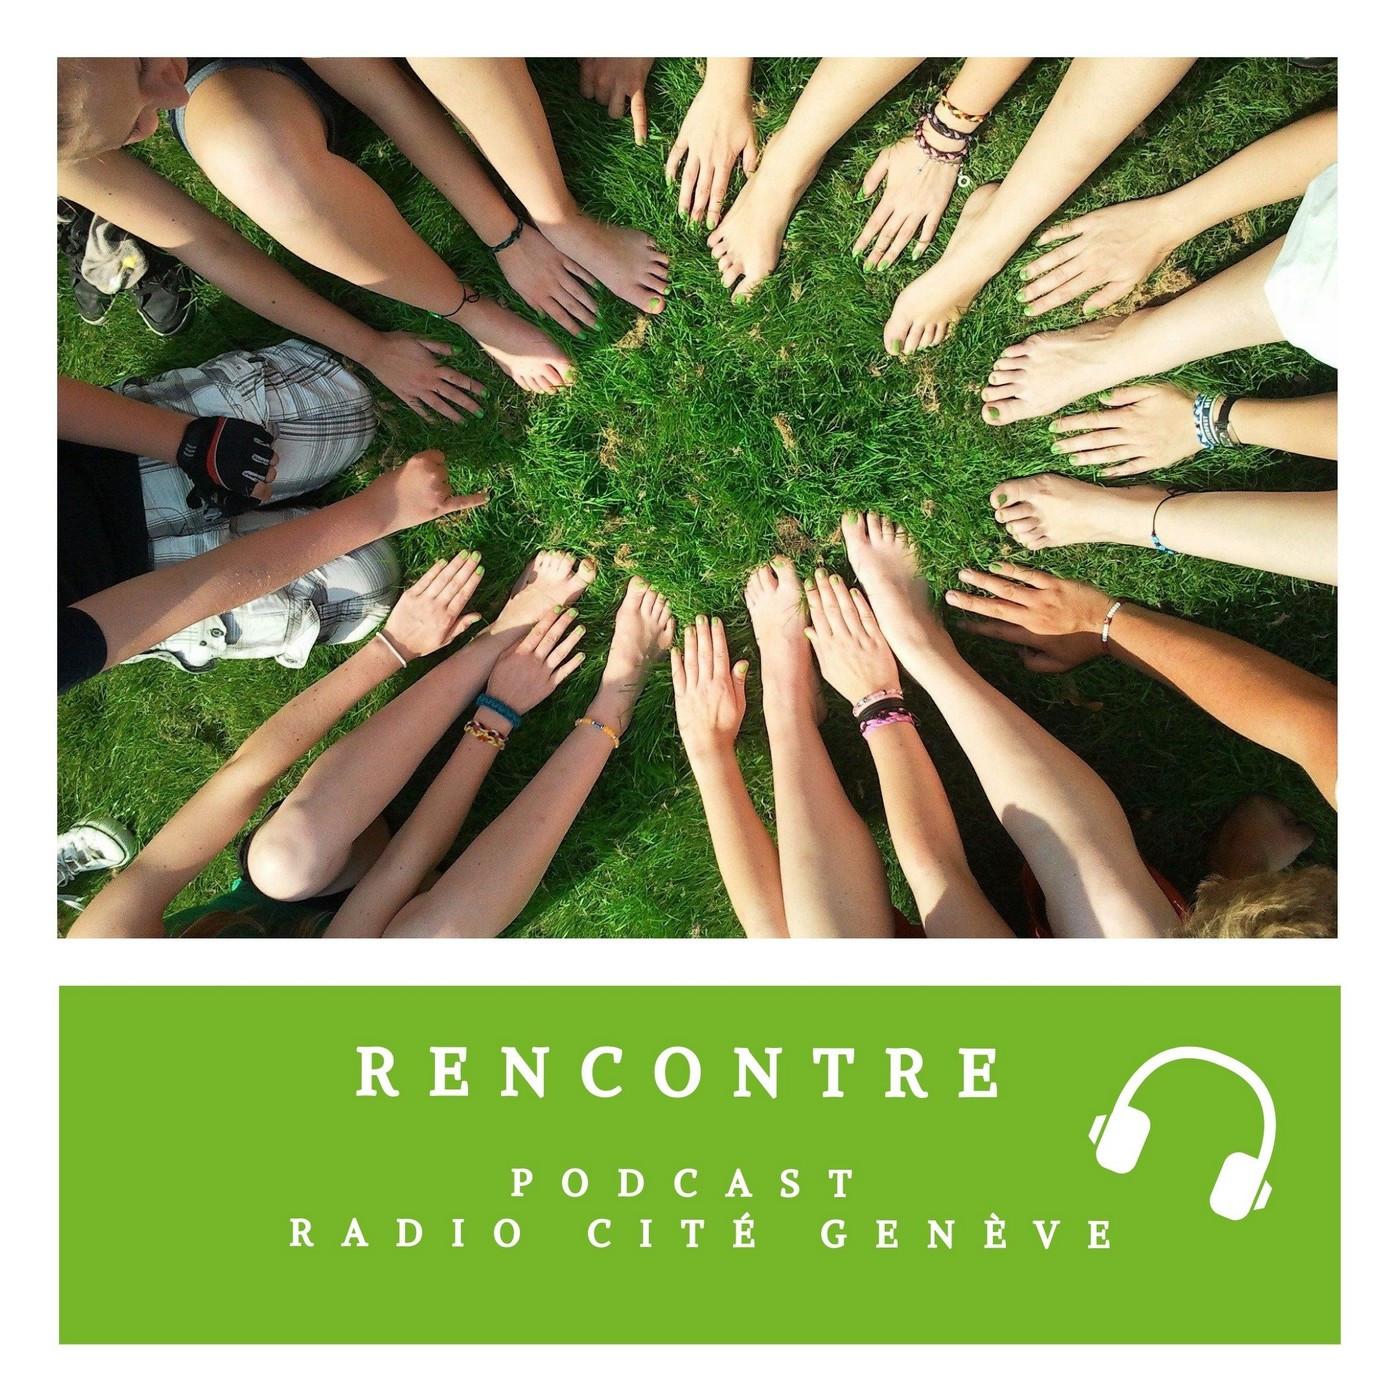 Rencontre du 27/01/21 - Nathalie Athlan & Marie Lorraine Kerr - Lire en Jeu